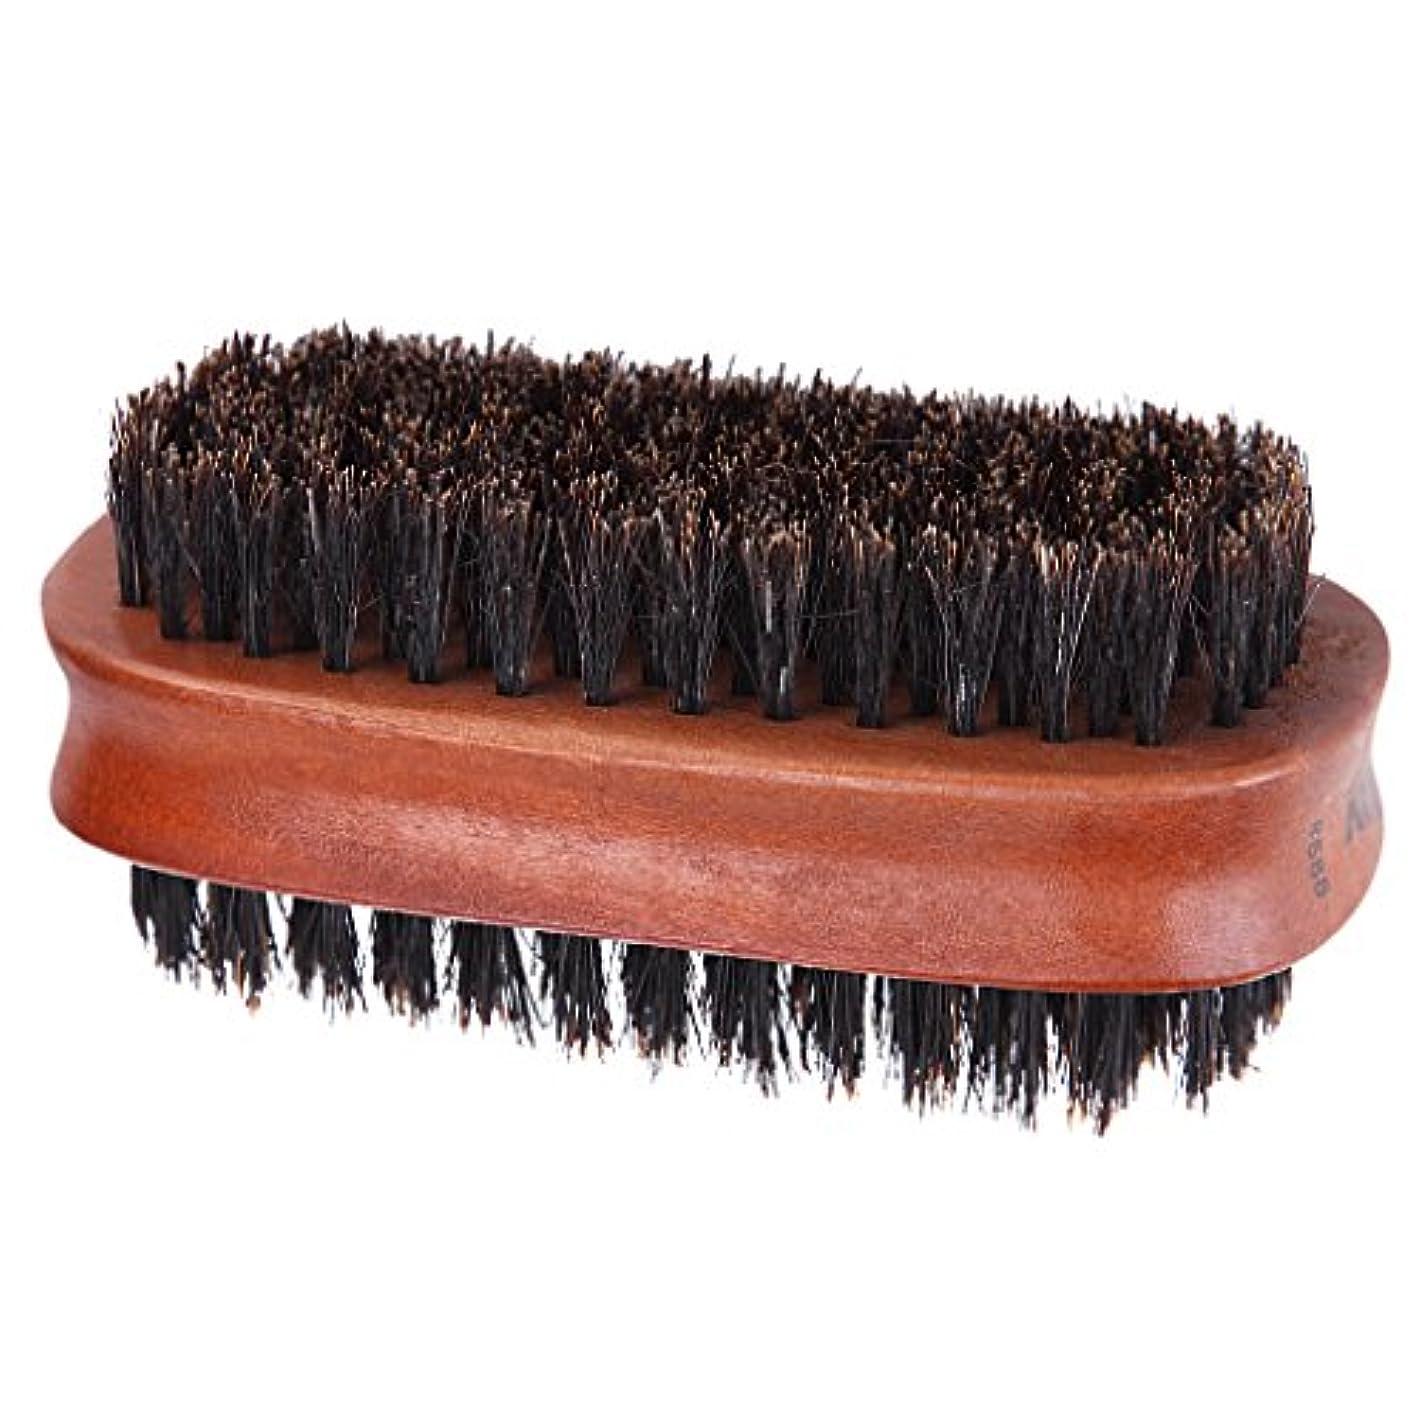 パスタ相対的宗教的なヘアブラシ 両面ブラシ 理髪店 美容院 ソフトブラシ ヘアカッター ダスターブラシ